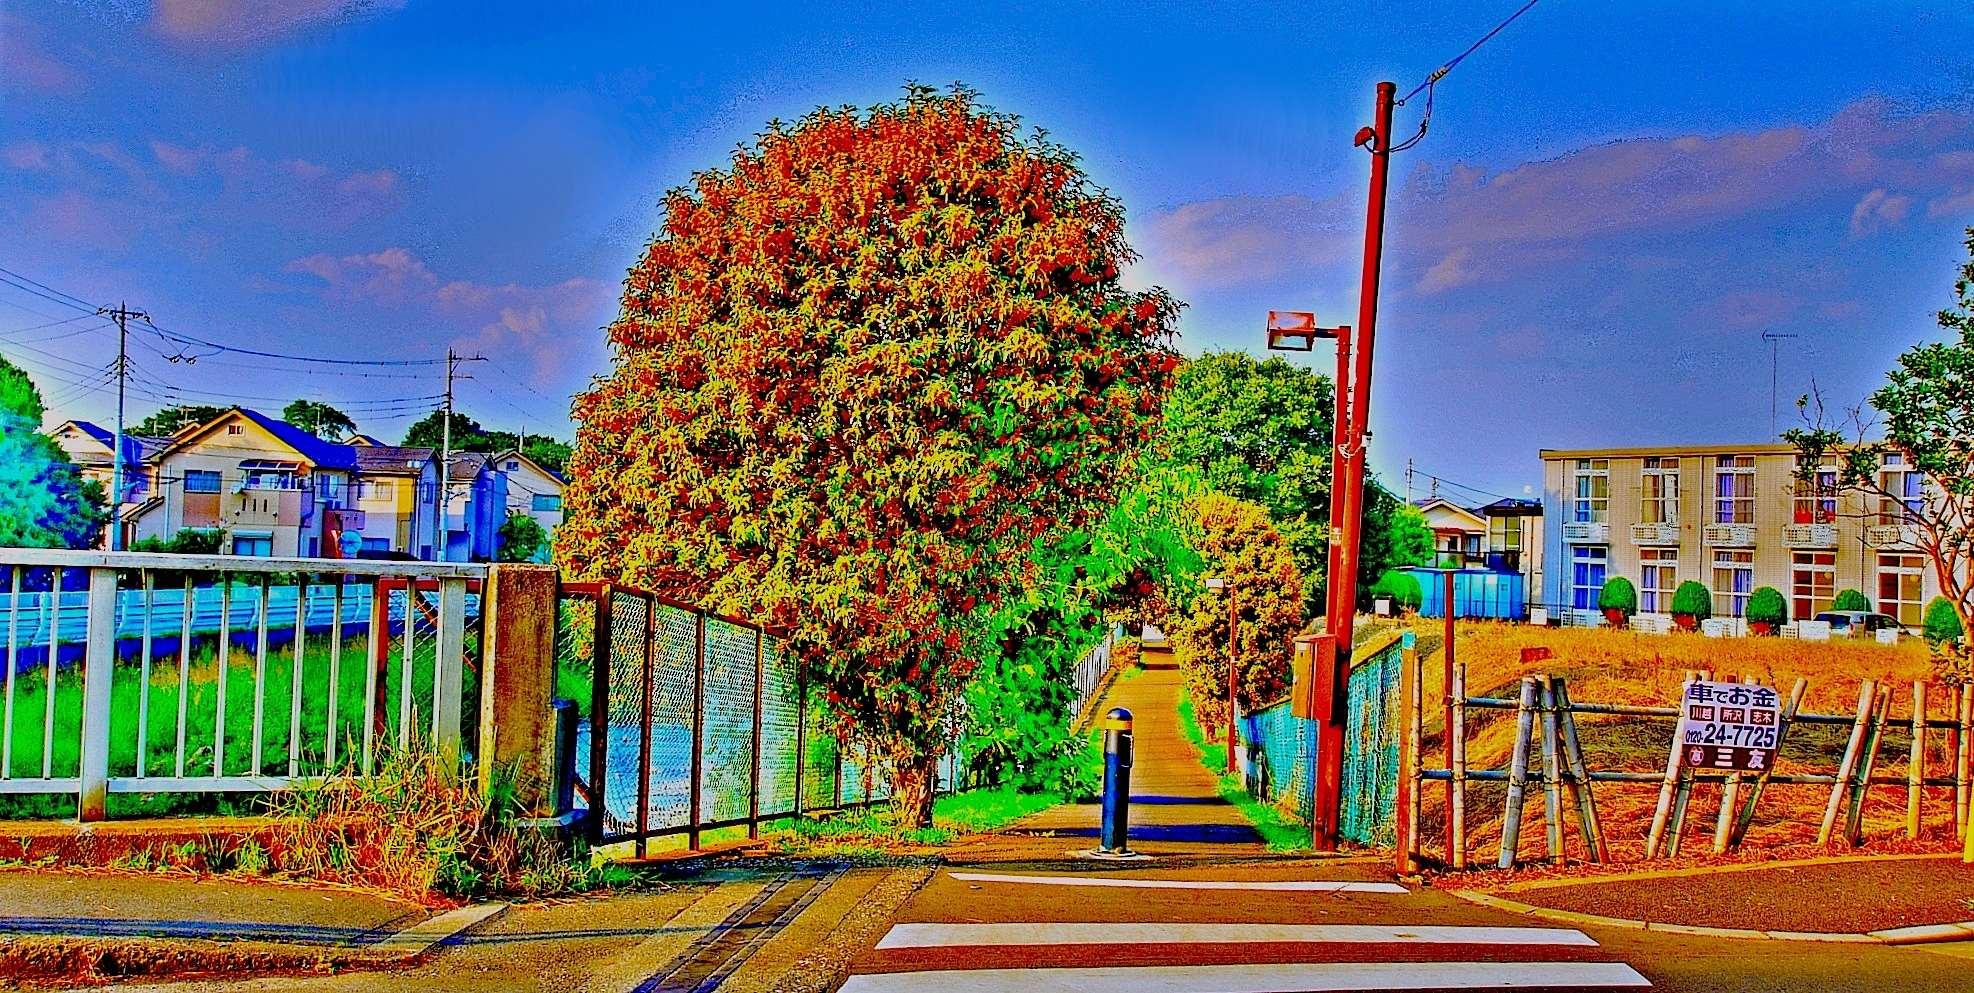 清瀬市の三郷橋せせらぎ公園近くキンモクセイ